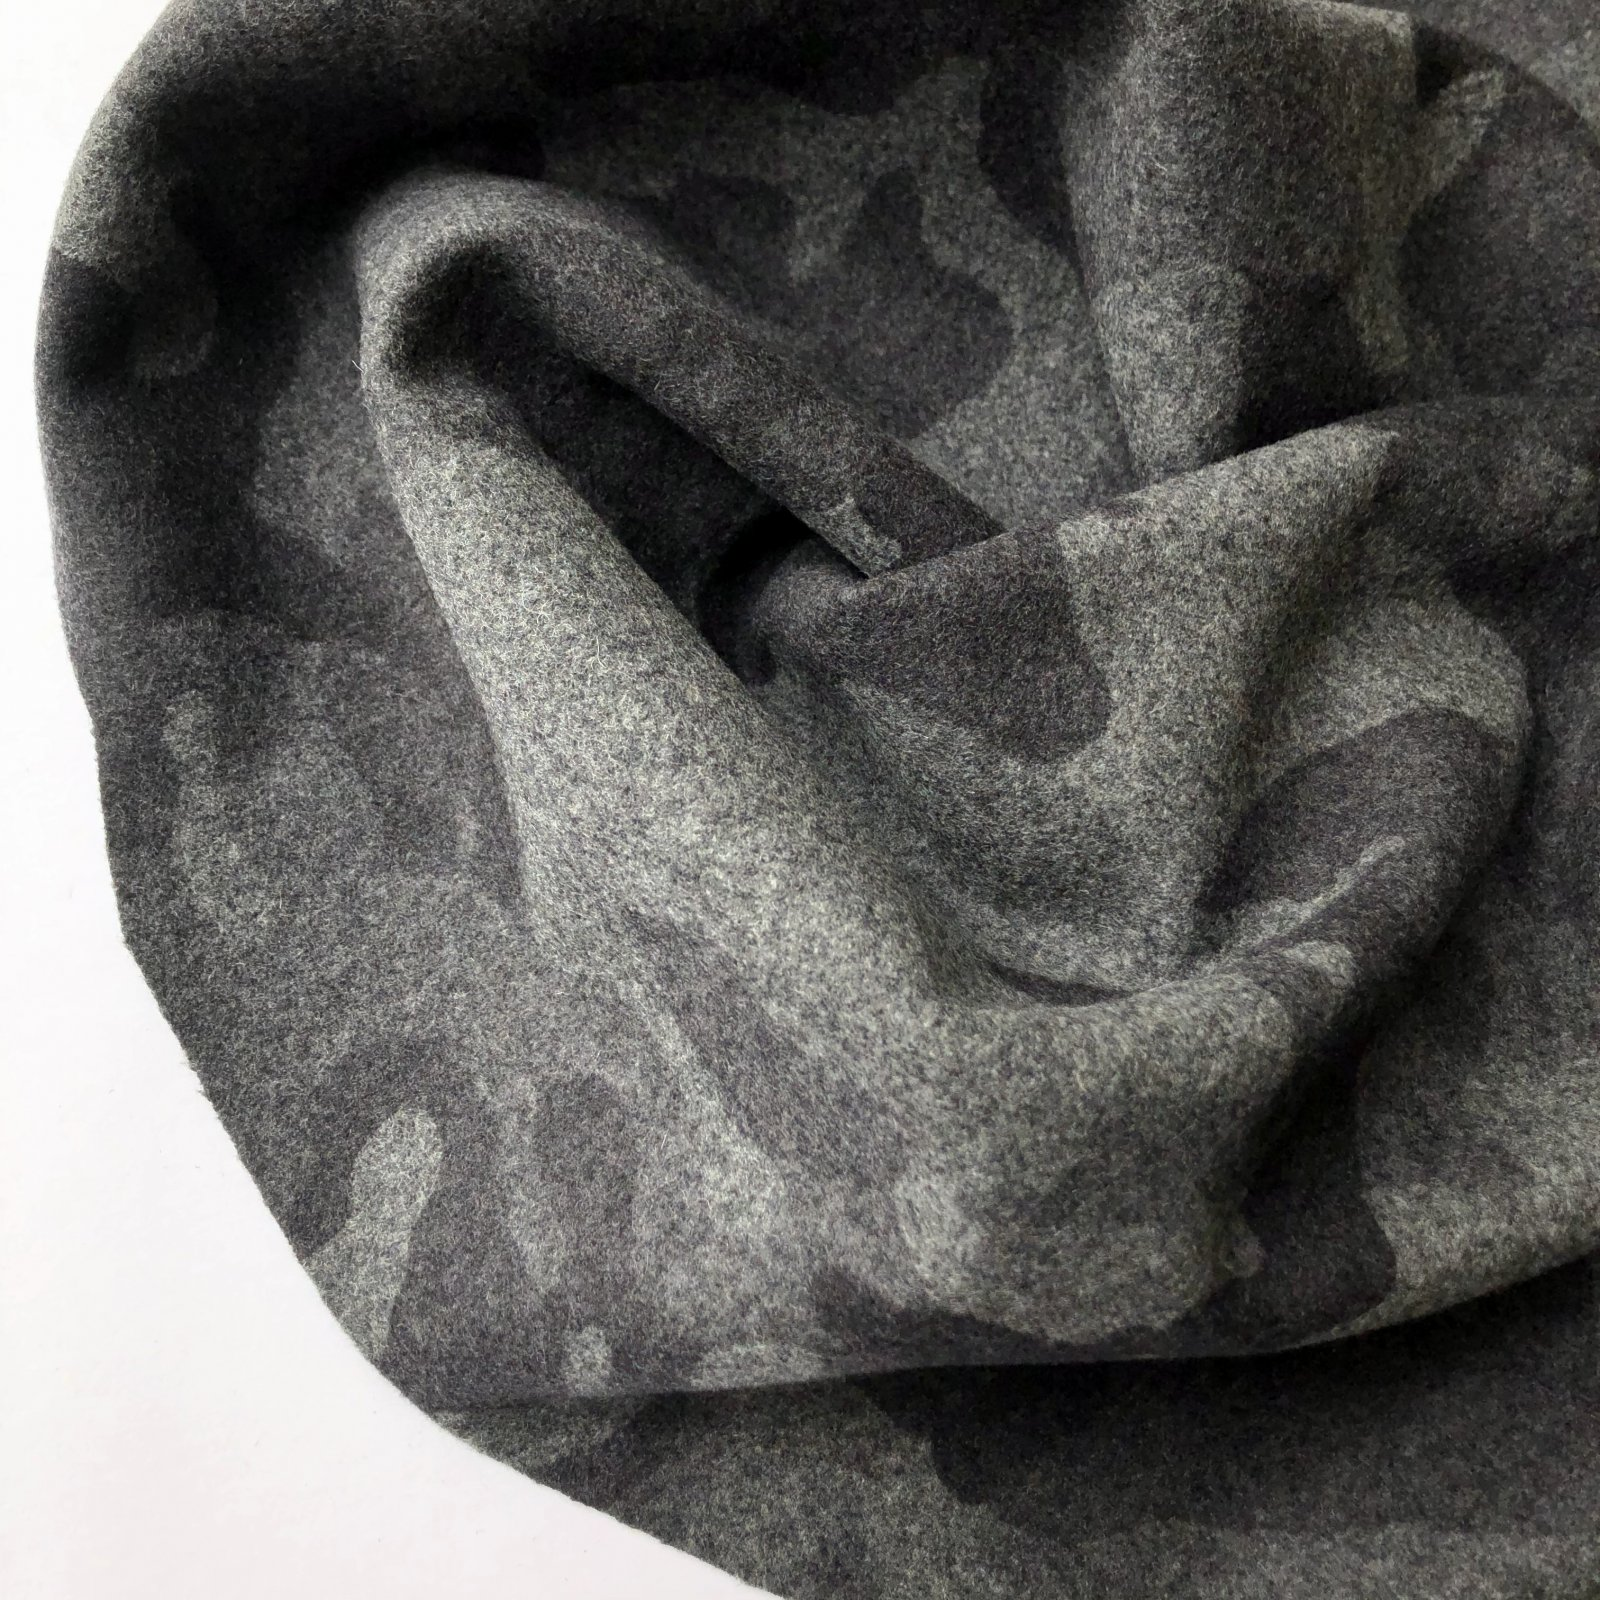 Deadstock Wool Nylon Coating - Charcoal Camo 58